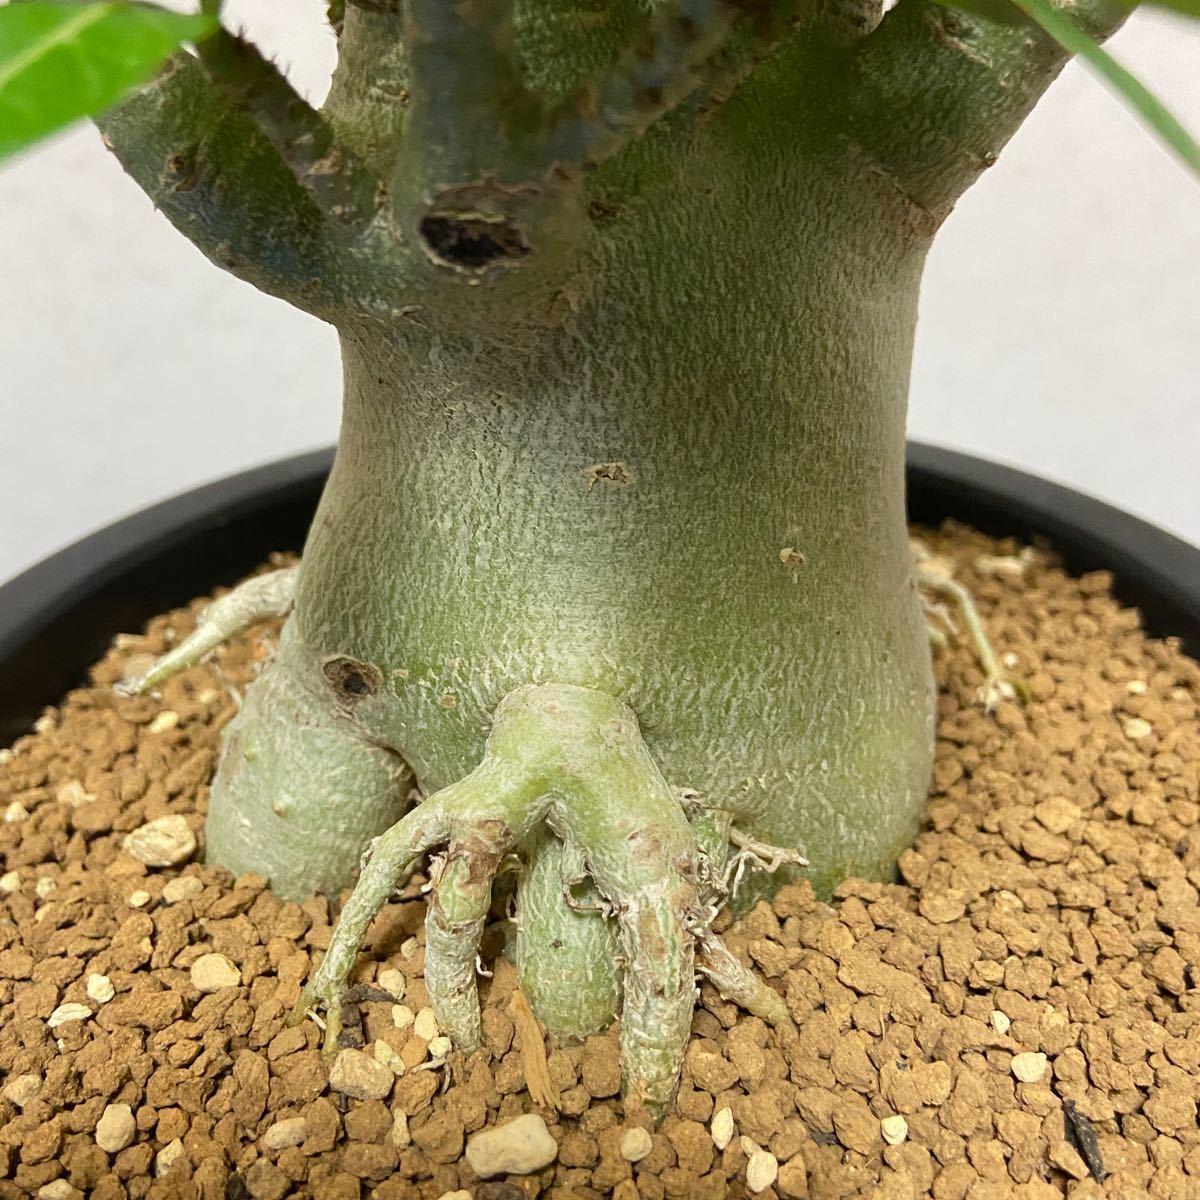 パキポディウム コーデックス アデニウム アラビカム 2 植物 観葉植物